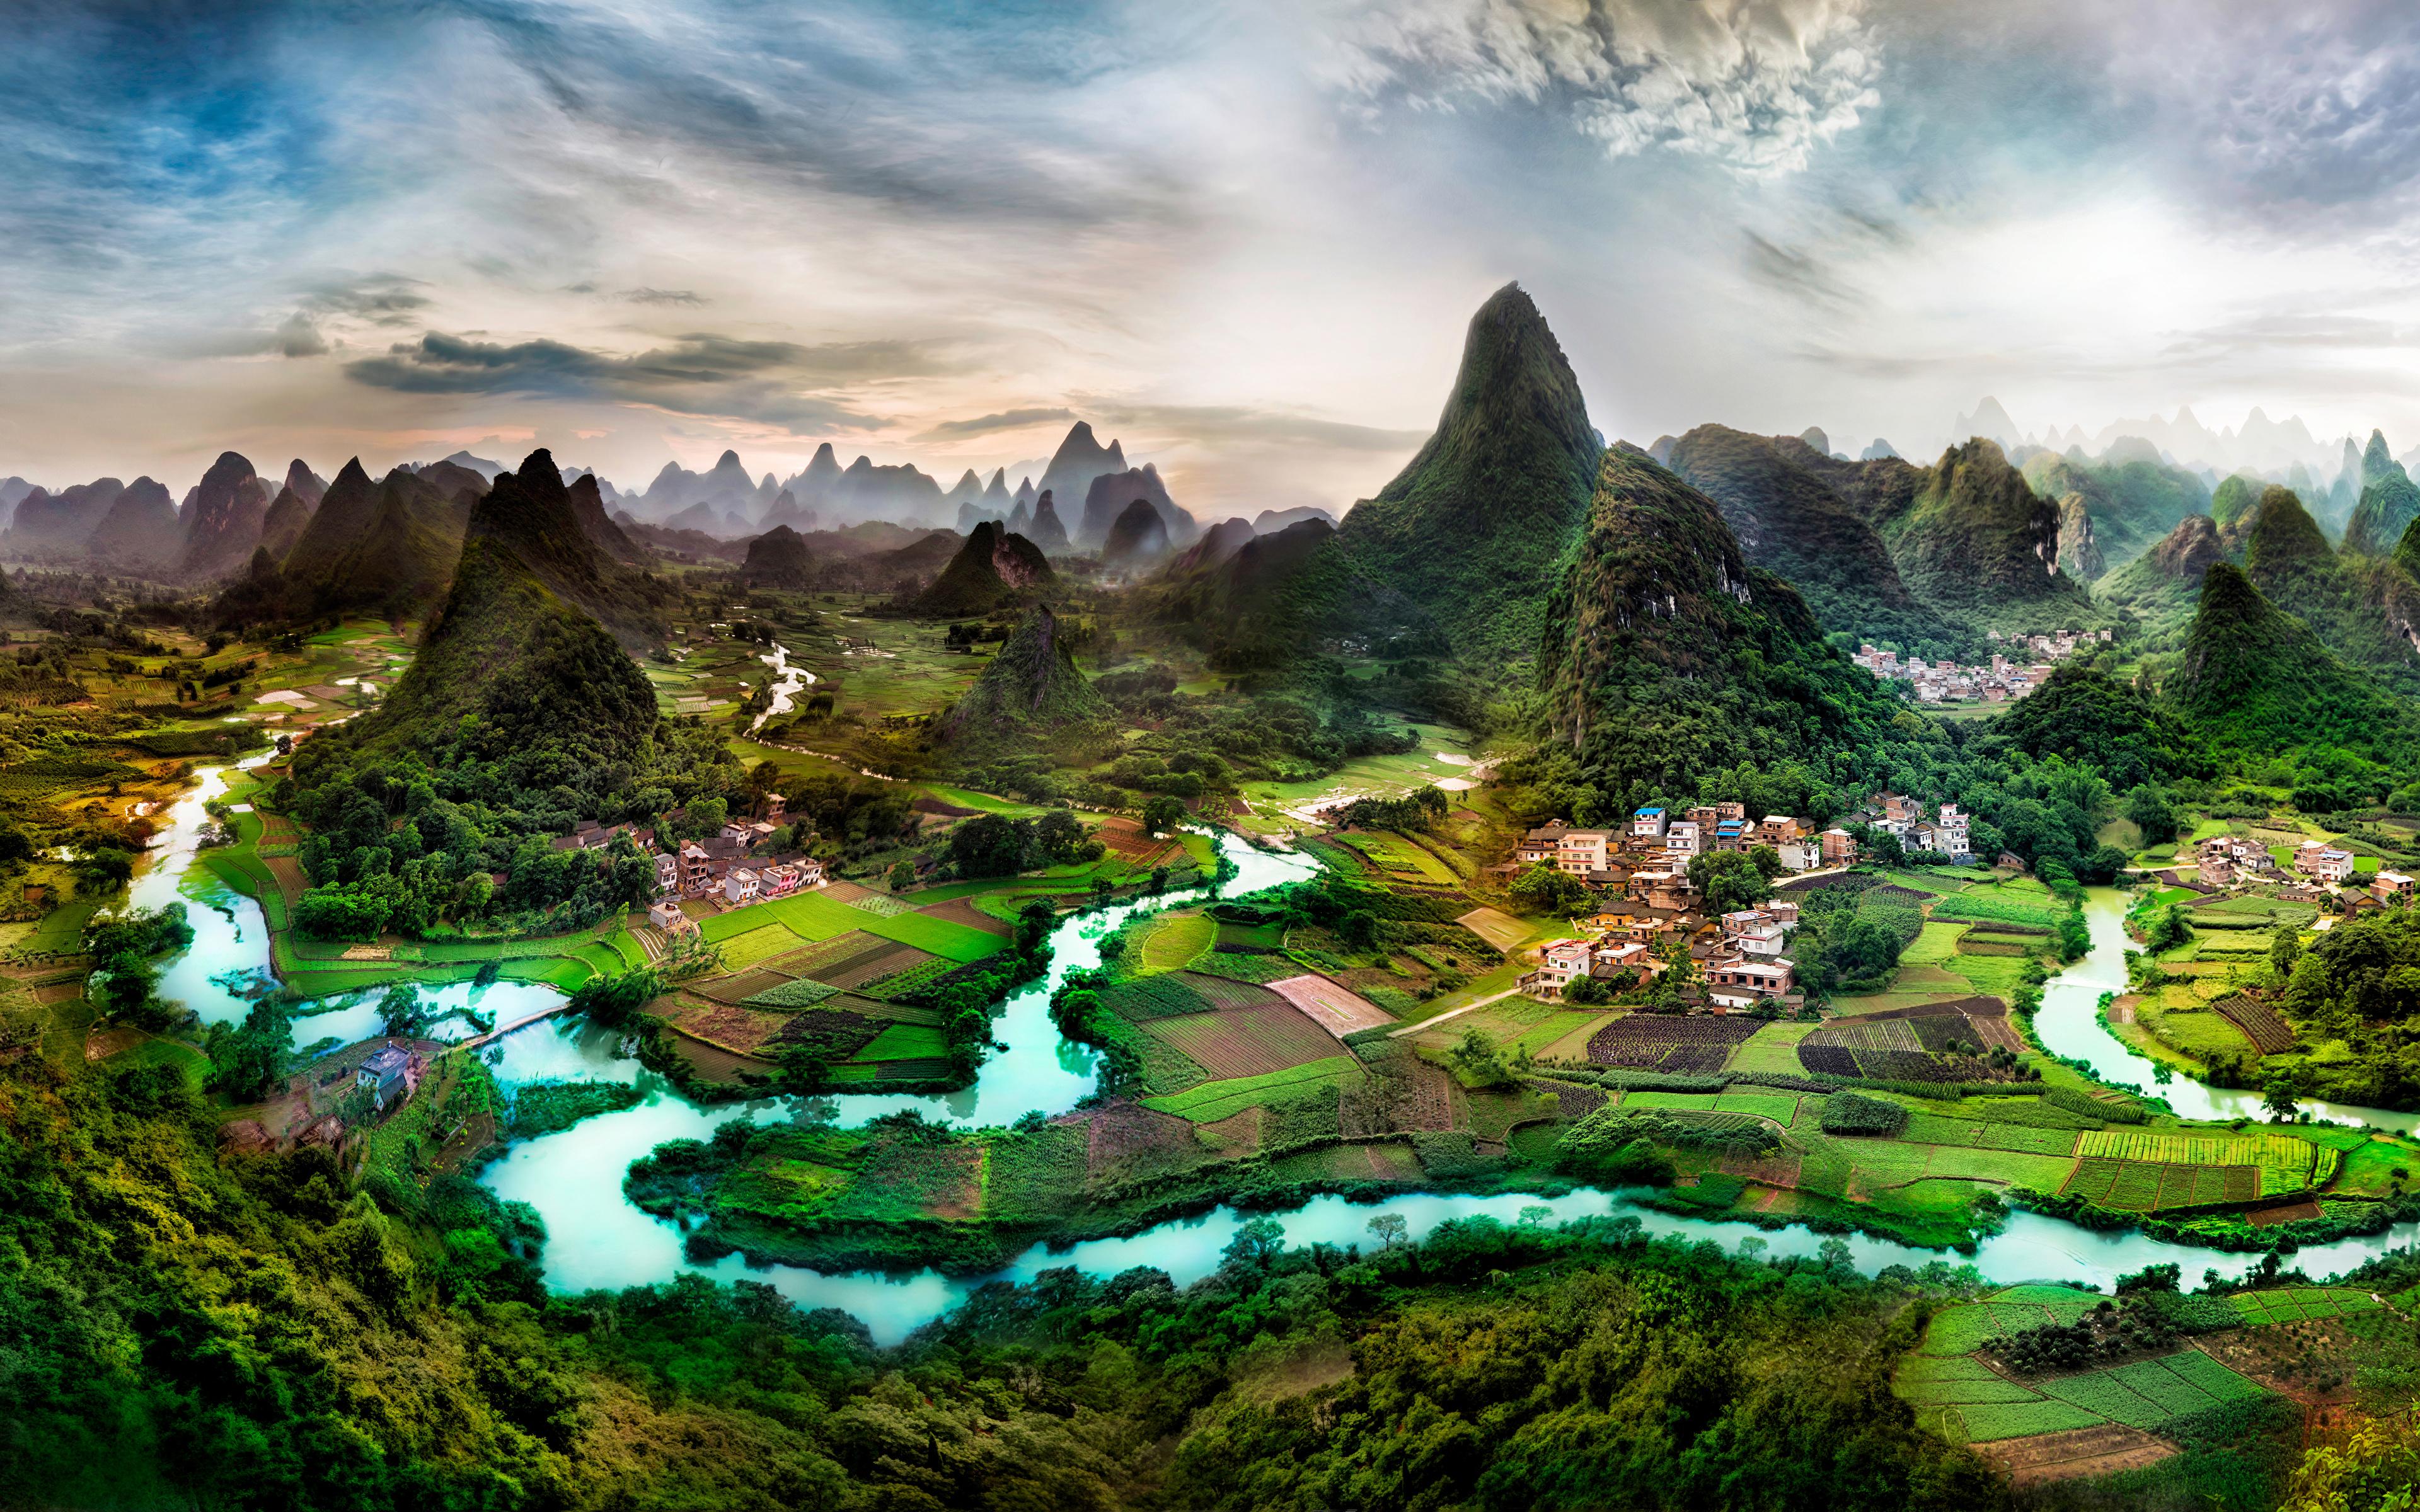 Fotos von China Guangxi Province Natur Felsen Acker Flusse Gebäude 3840x2400 Felder Fluss Haus